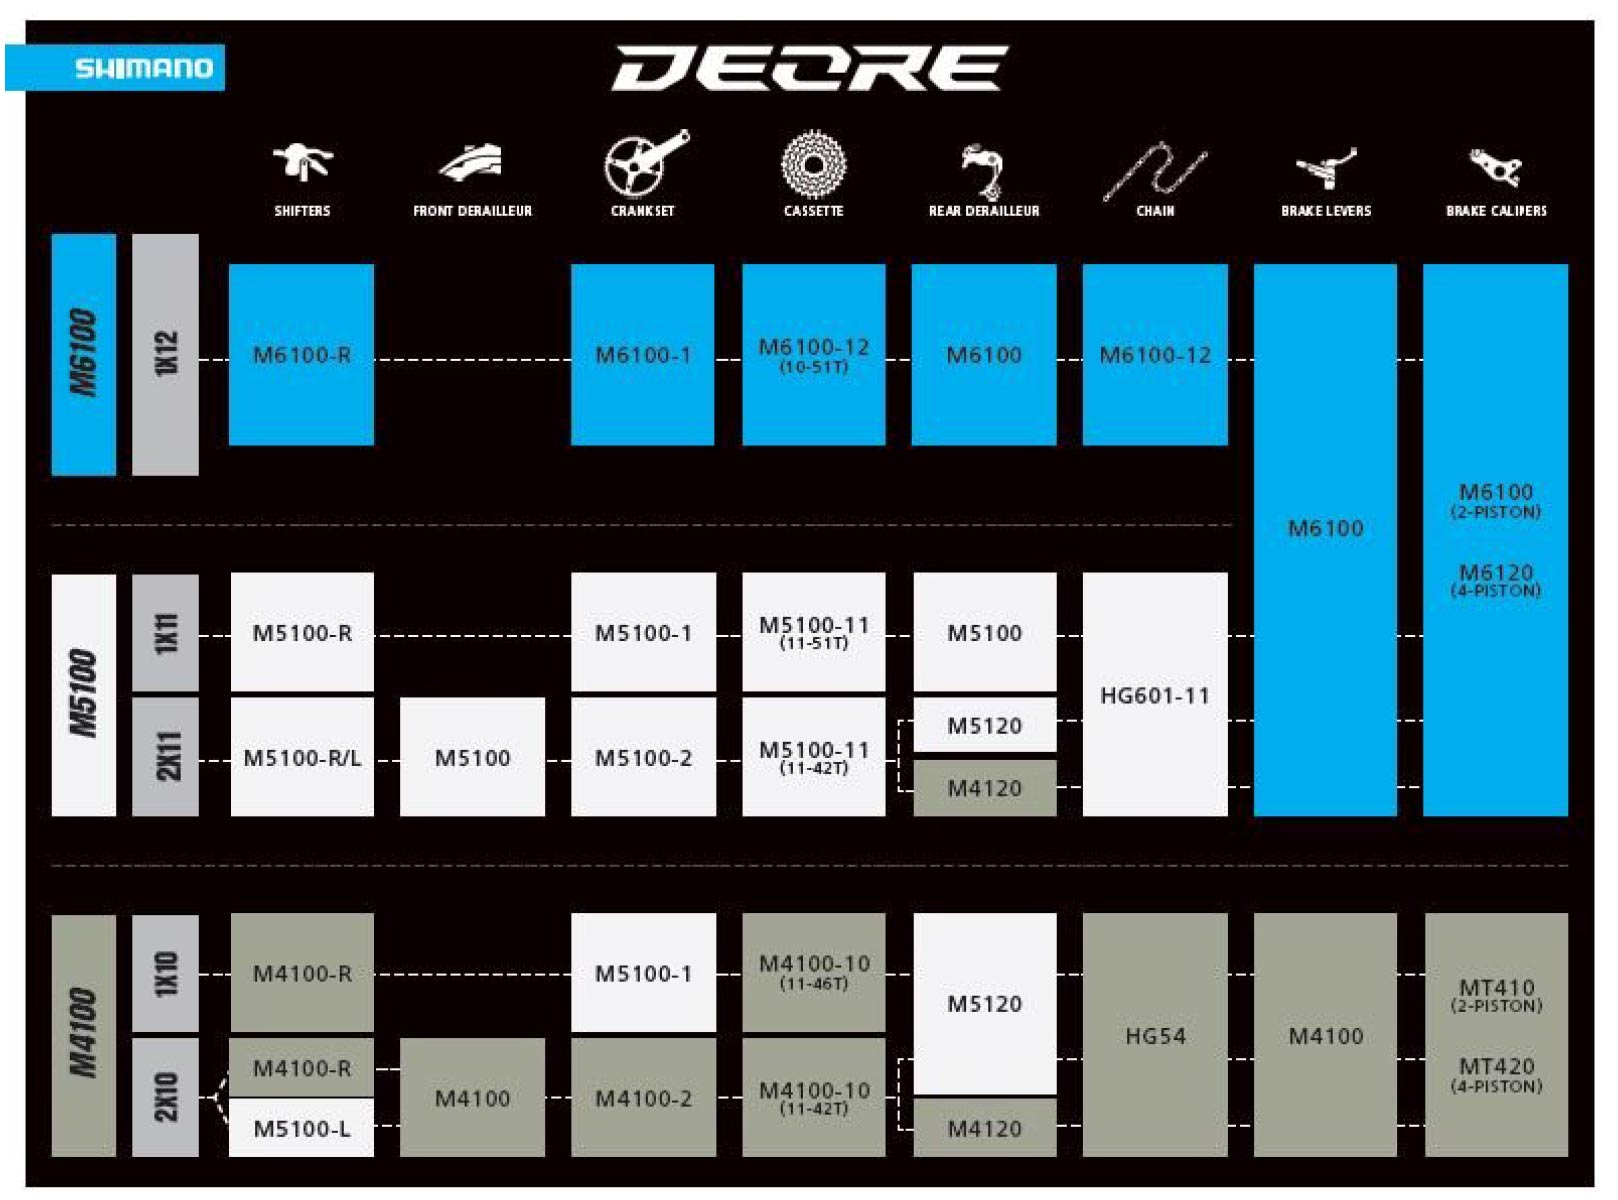 Shimano Deore M6100 Compability